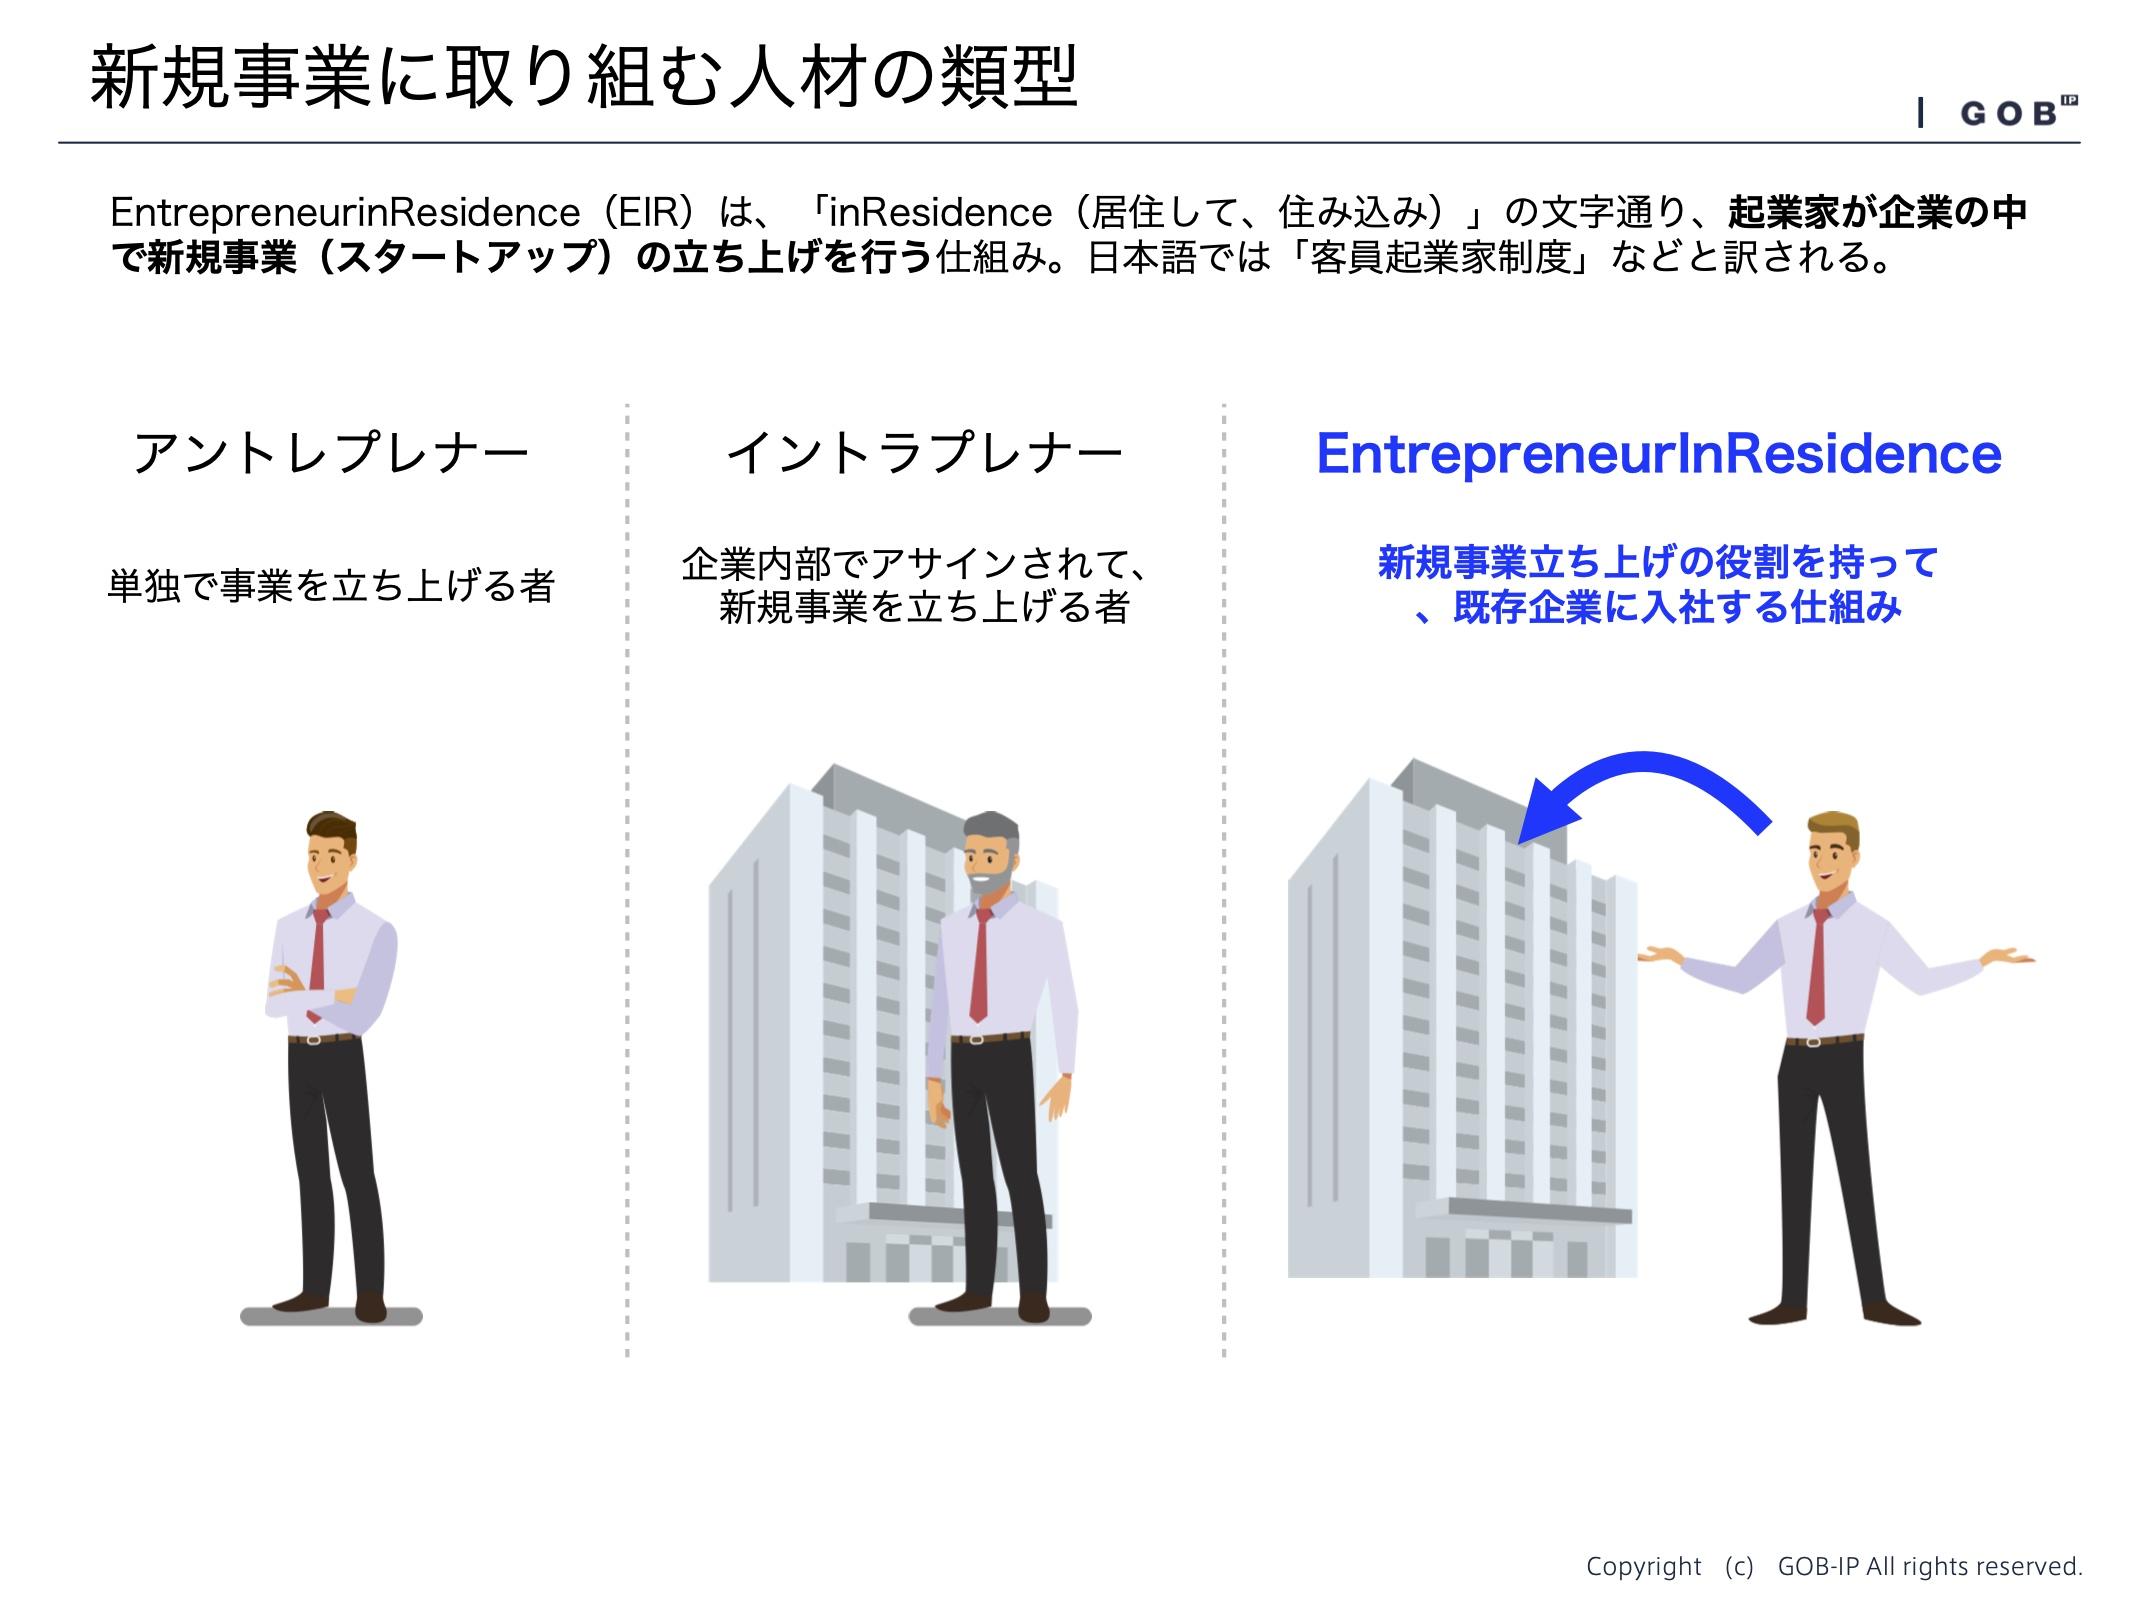 スライド】Entrepreneur In Residence(客員起業家)制度とは?   GOB ...